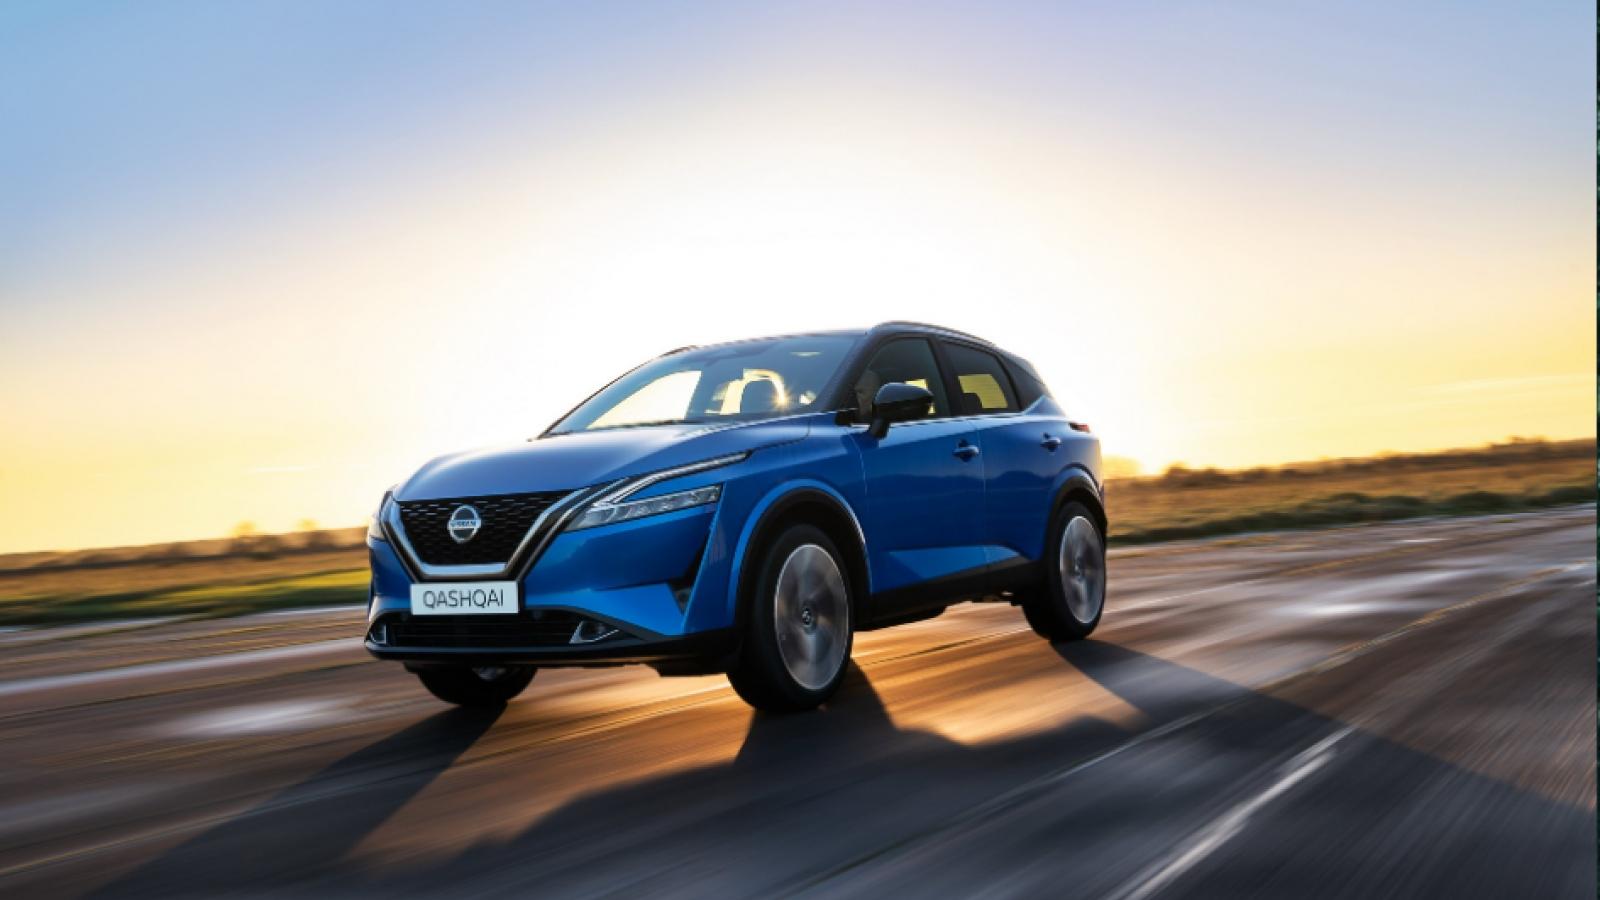 Crossover bán chạy nhất châu Âu - Nissan Qashqai 2021 chính thức ra mắt